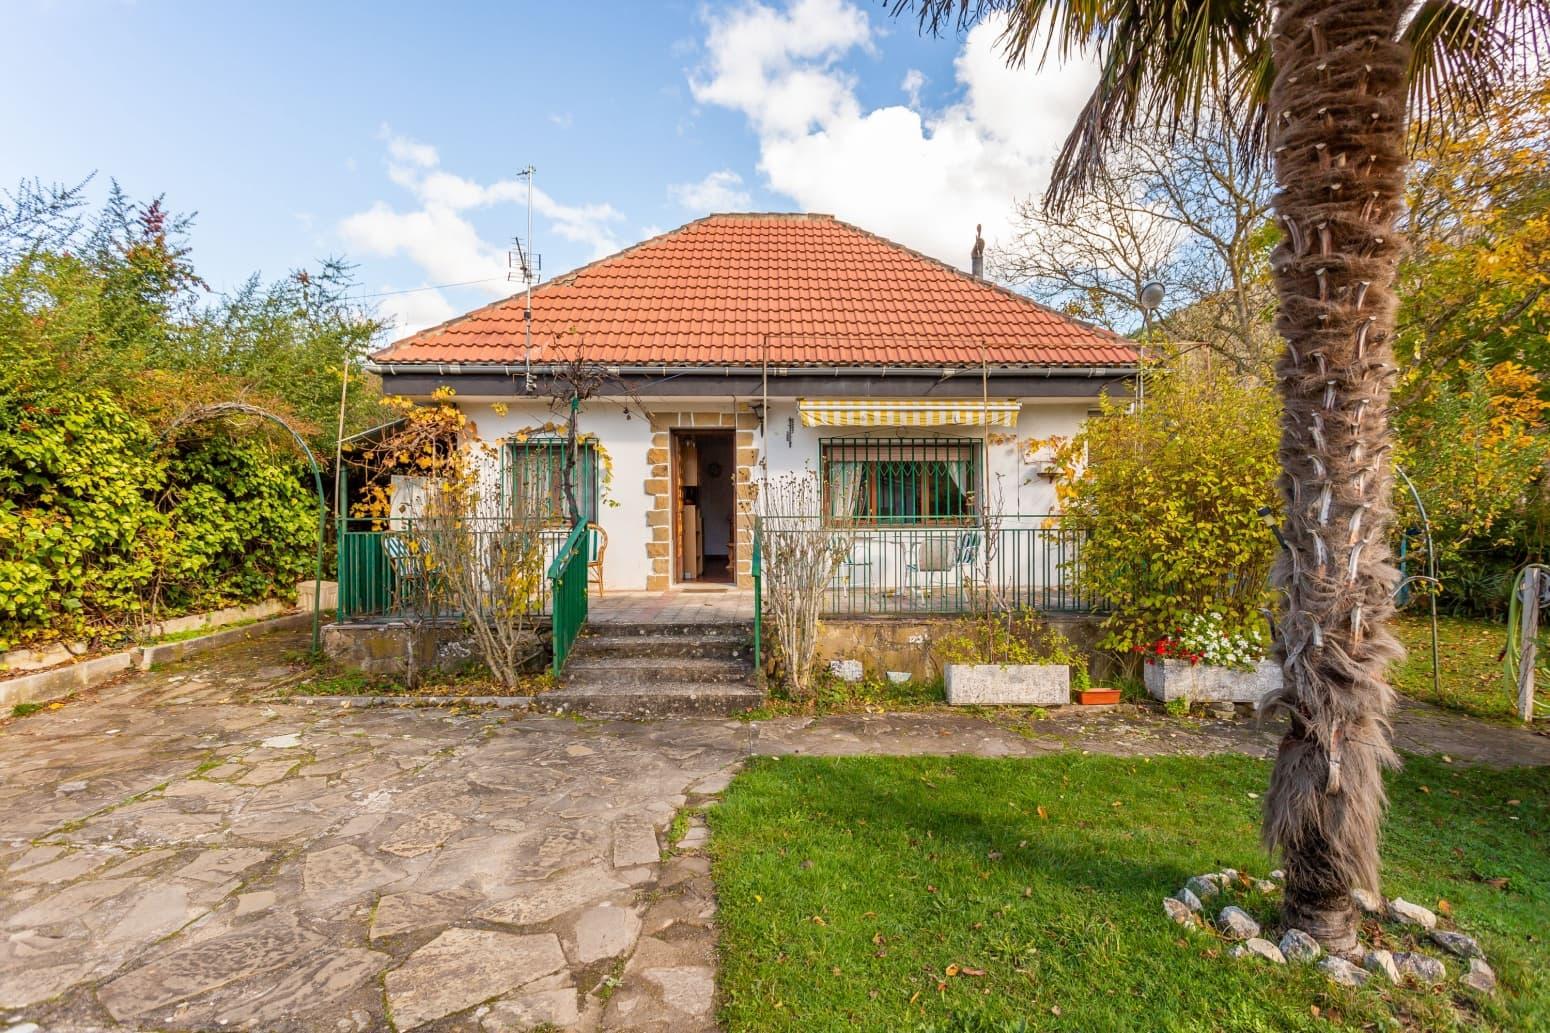 2 Zimmer Reihenhaus zu verkaufen in Lizoain - 97.300 € (Ref: 5707043)